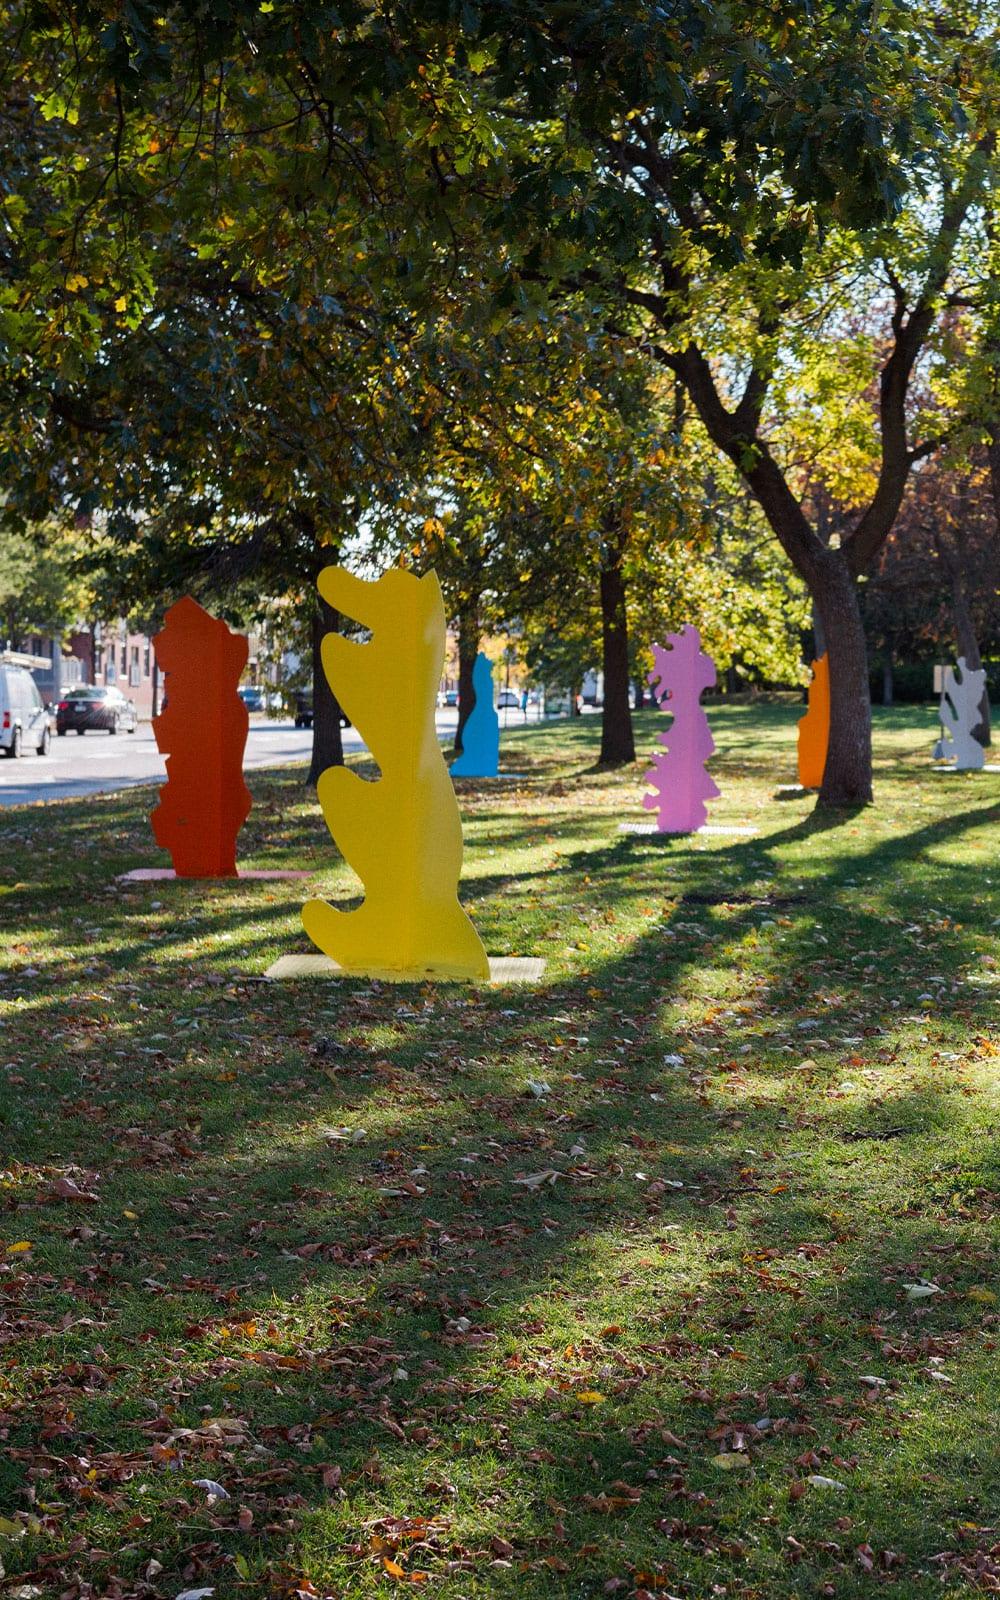 Le rôle majeur de l'art dans le rapprochement des communautés | MASSIVart - Intégration artistique